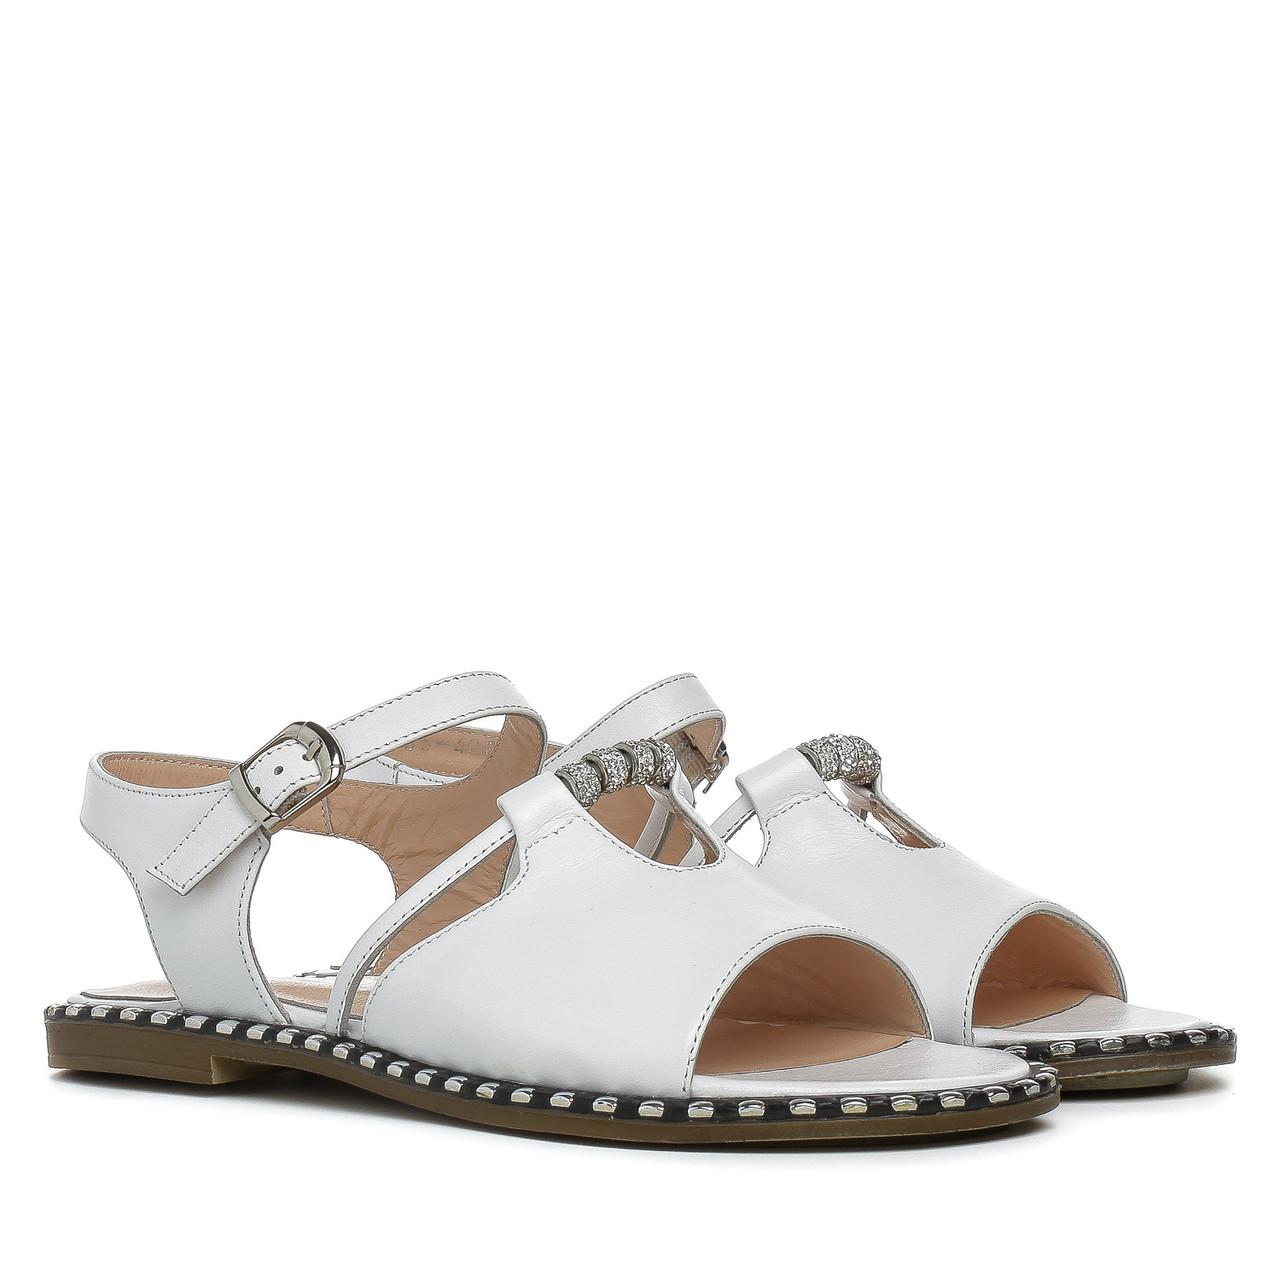 529851173 Купить Сандалии женские PHANY (кожаные, белые, легкие, качественные ...